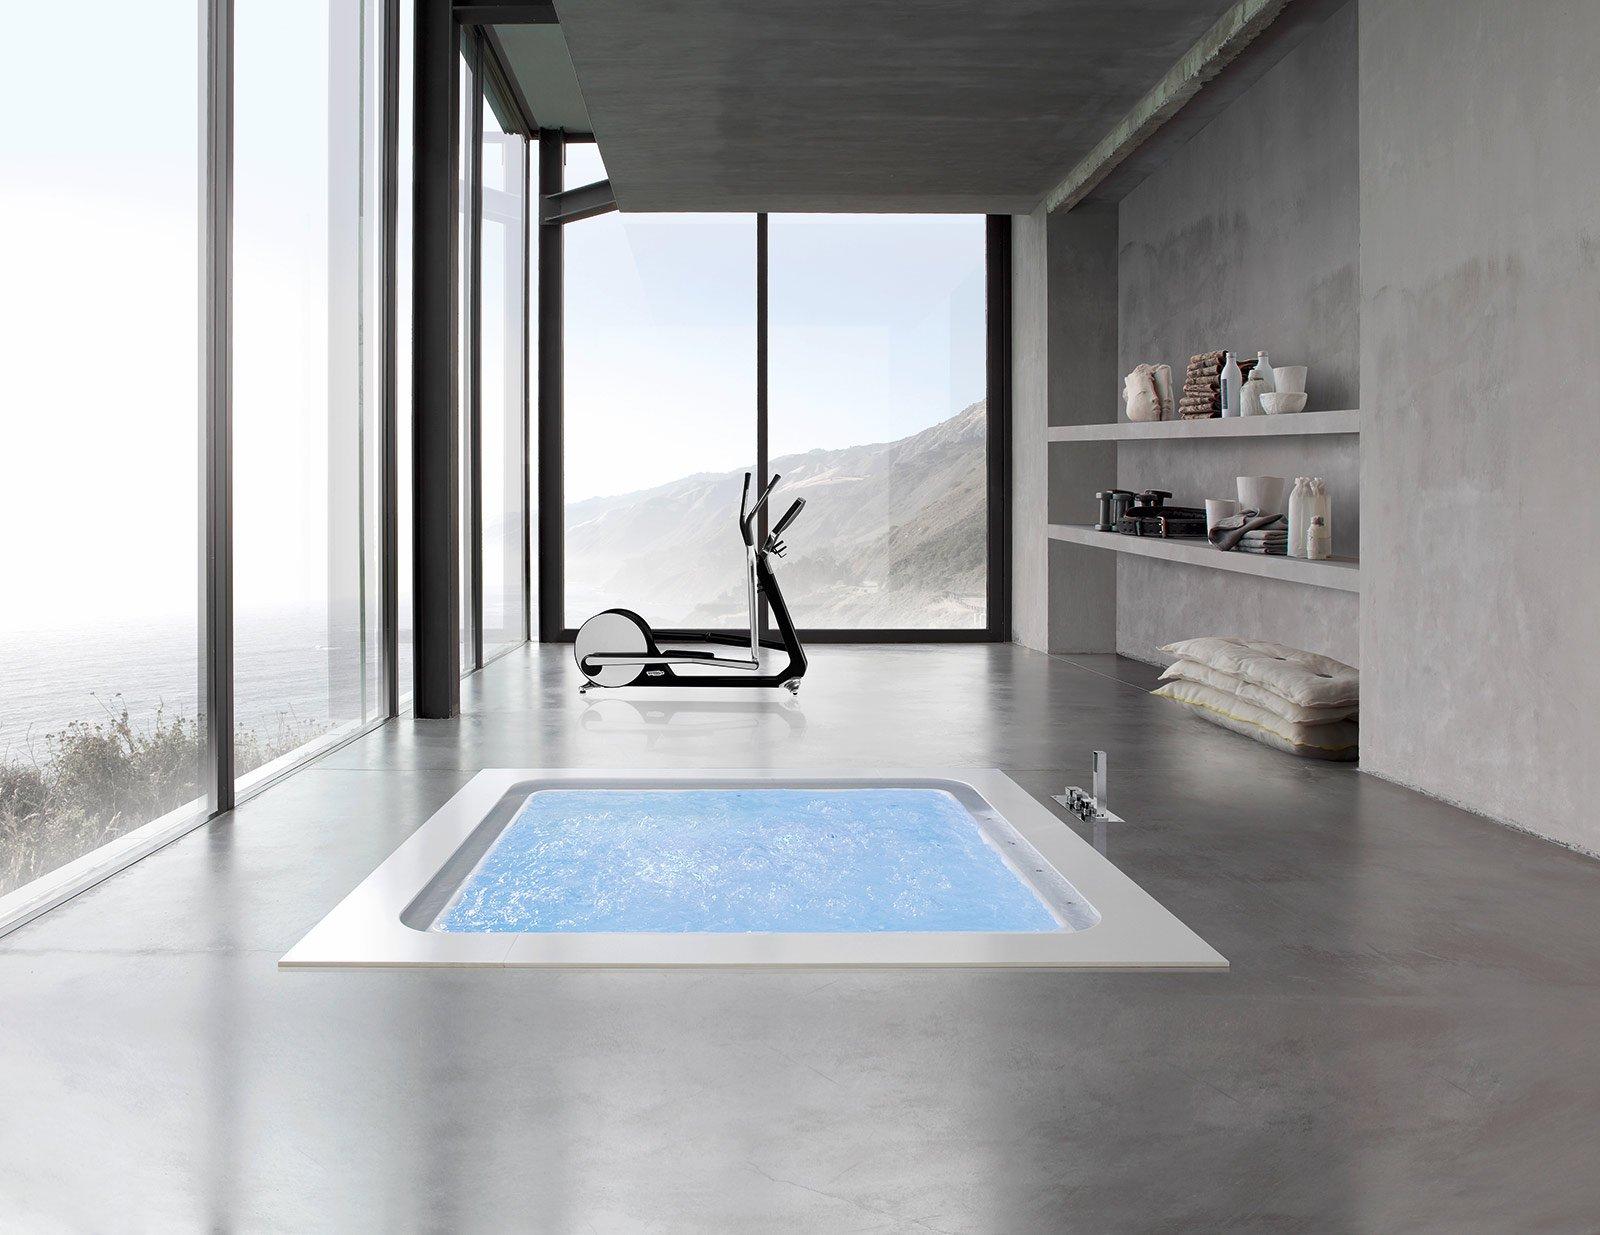 Vasca Da Bagno Kuvet : Design week la vasca da bagno esce dall anonimato cose di casa